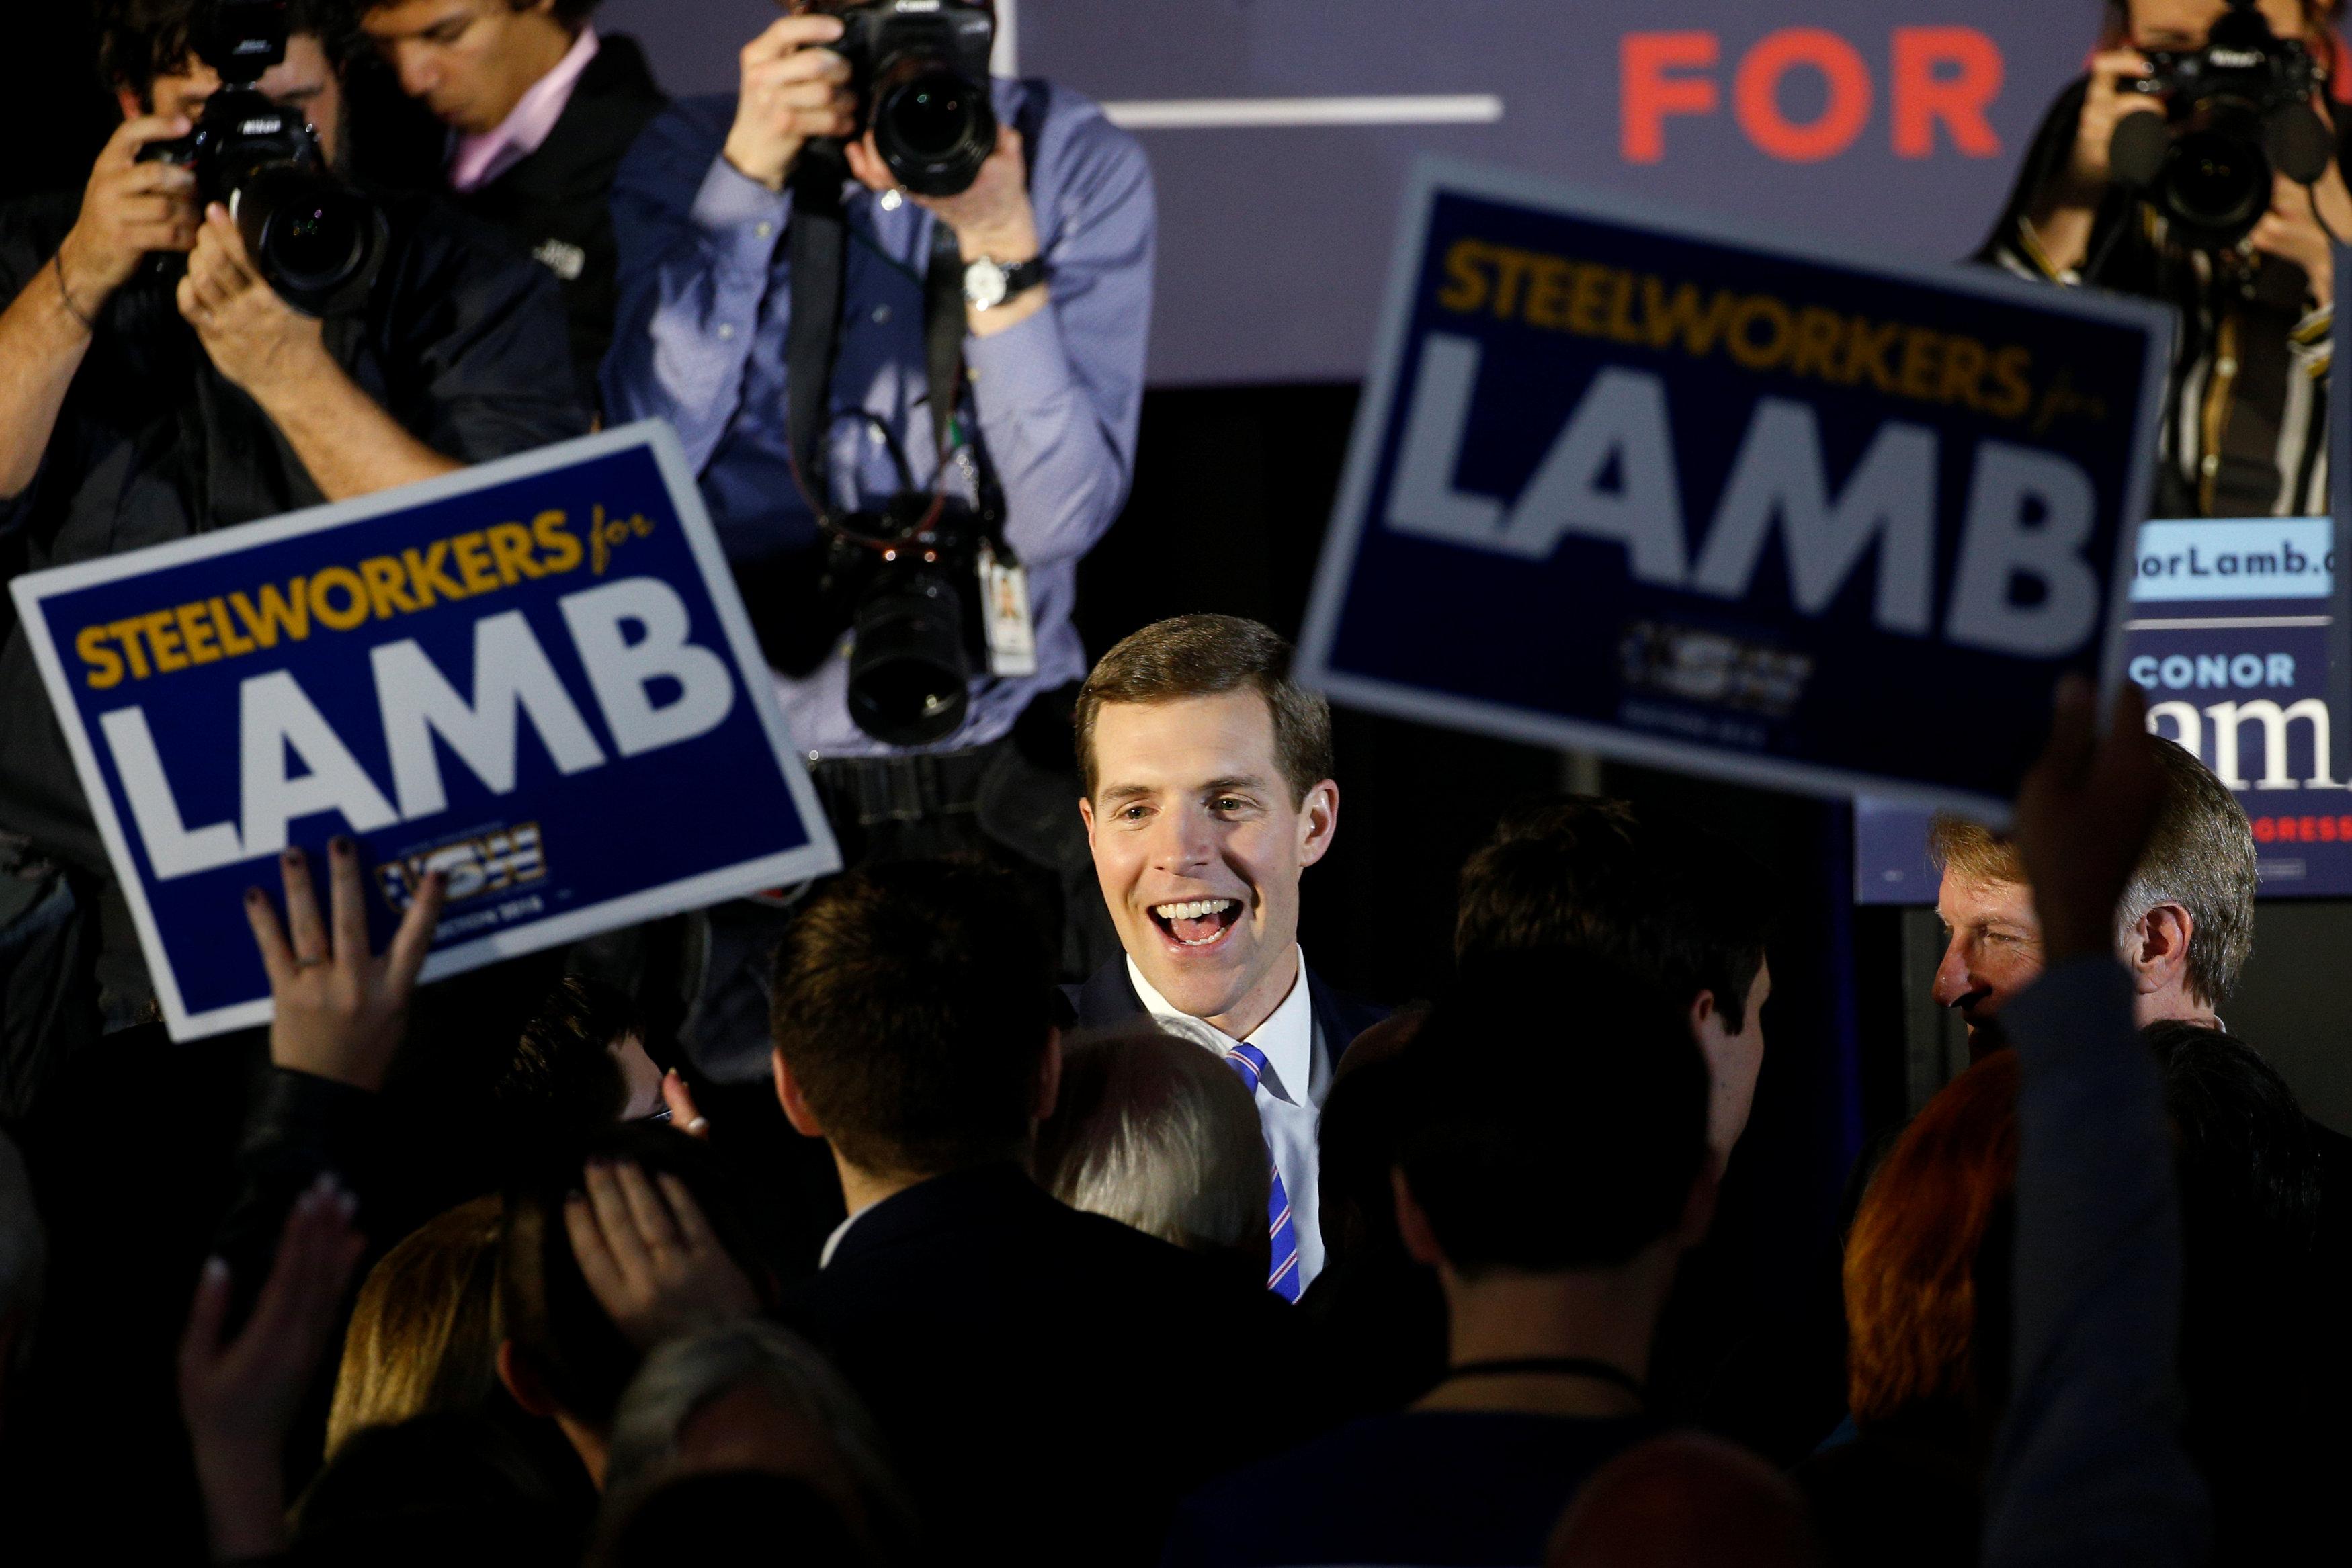 El candidato democrataConor Lambclamó la victoria durante un encuentro con seguidores (REUTERS/Brendan McDermid)